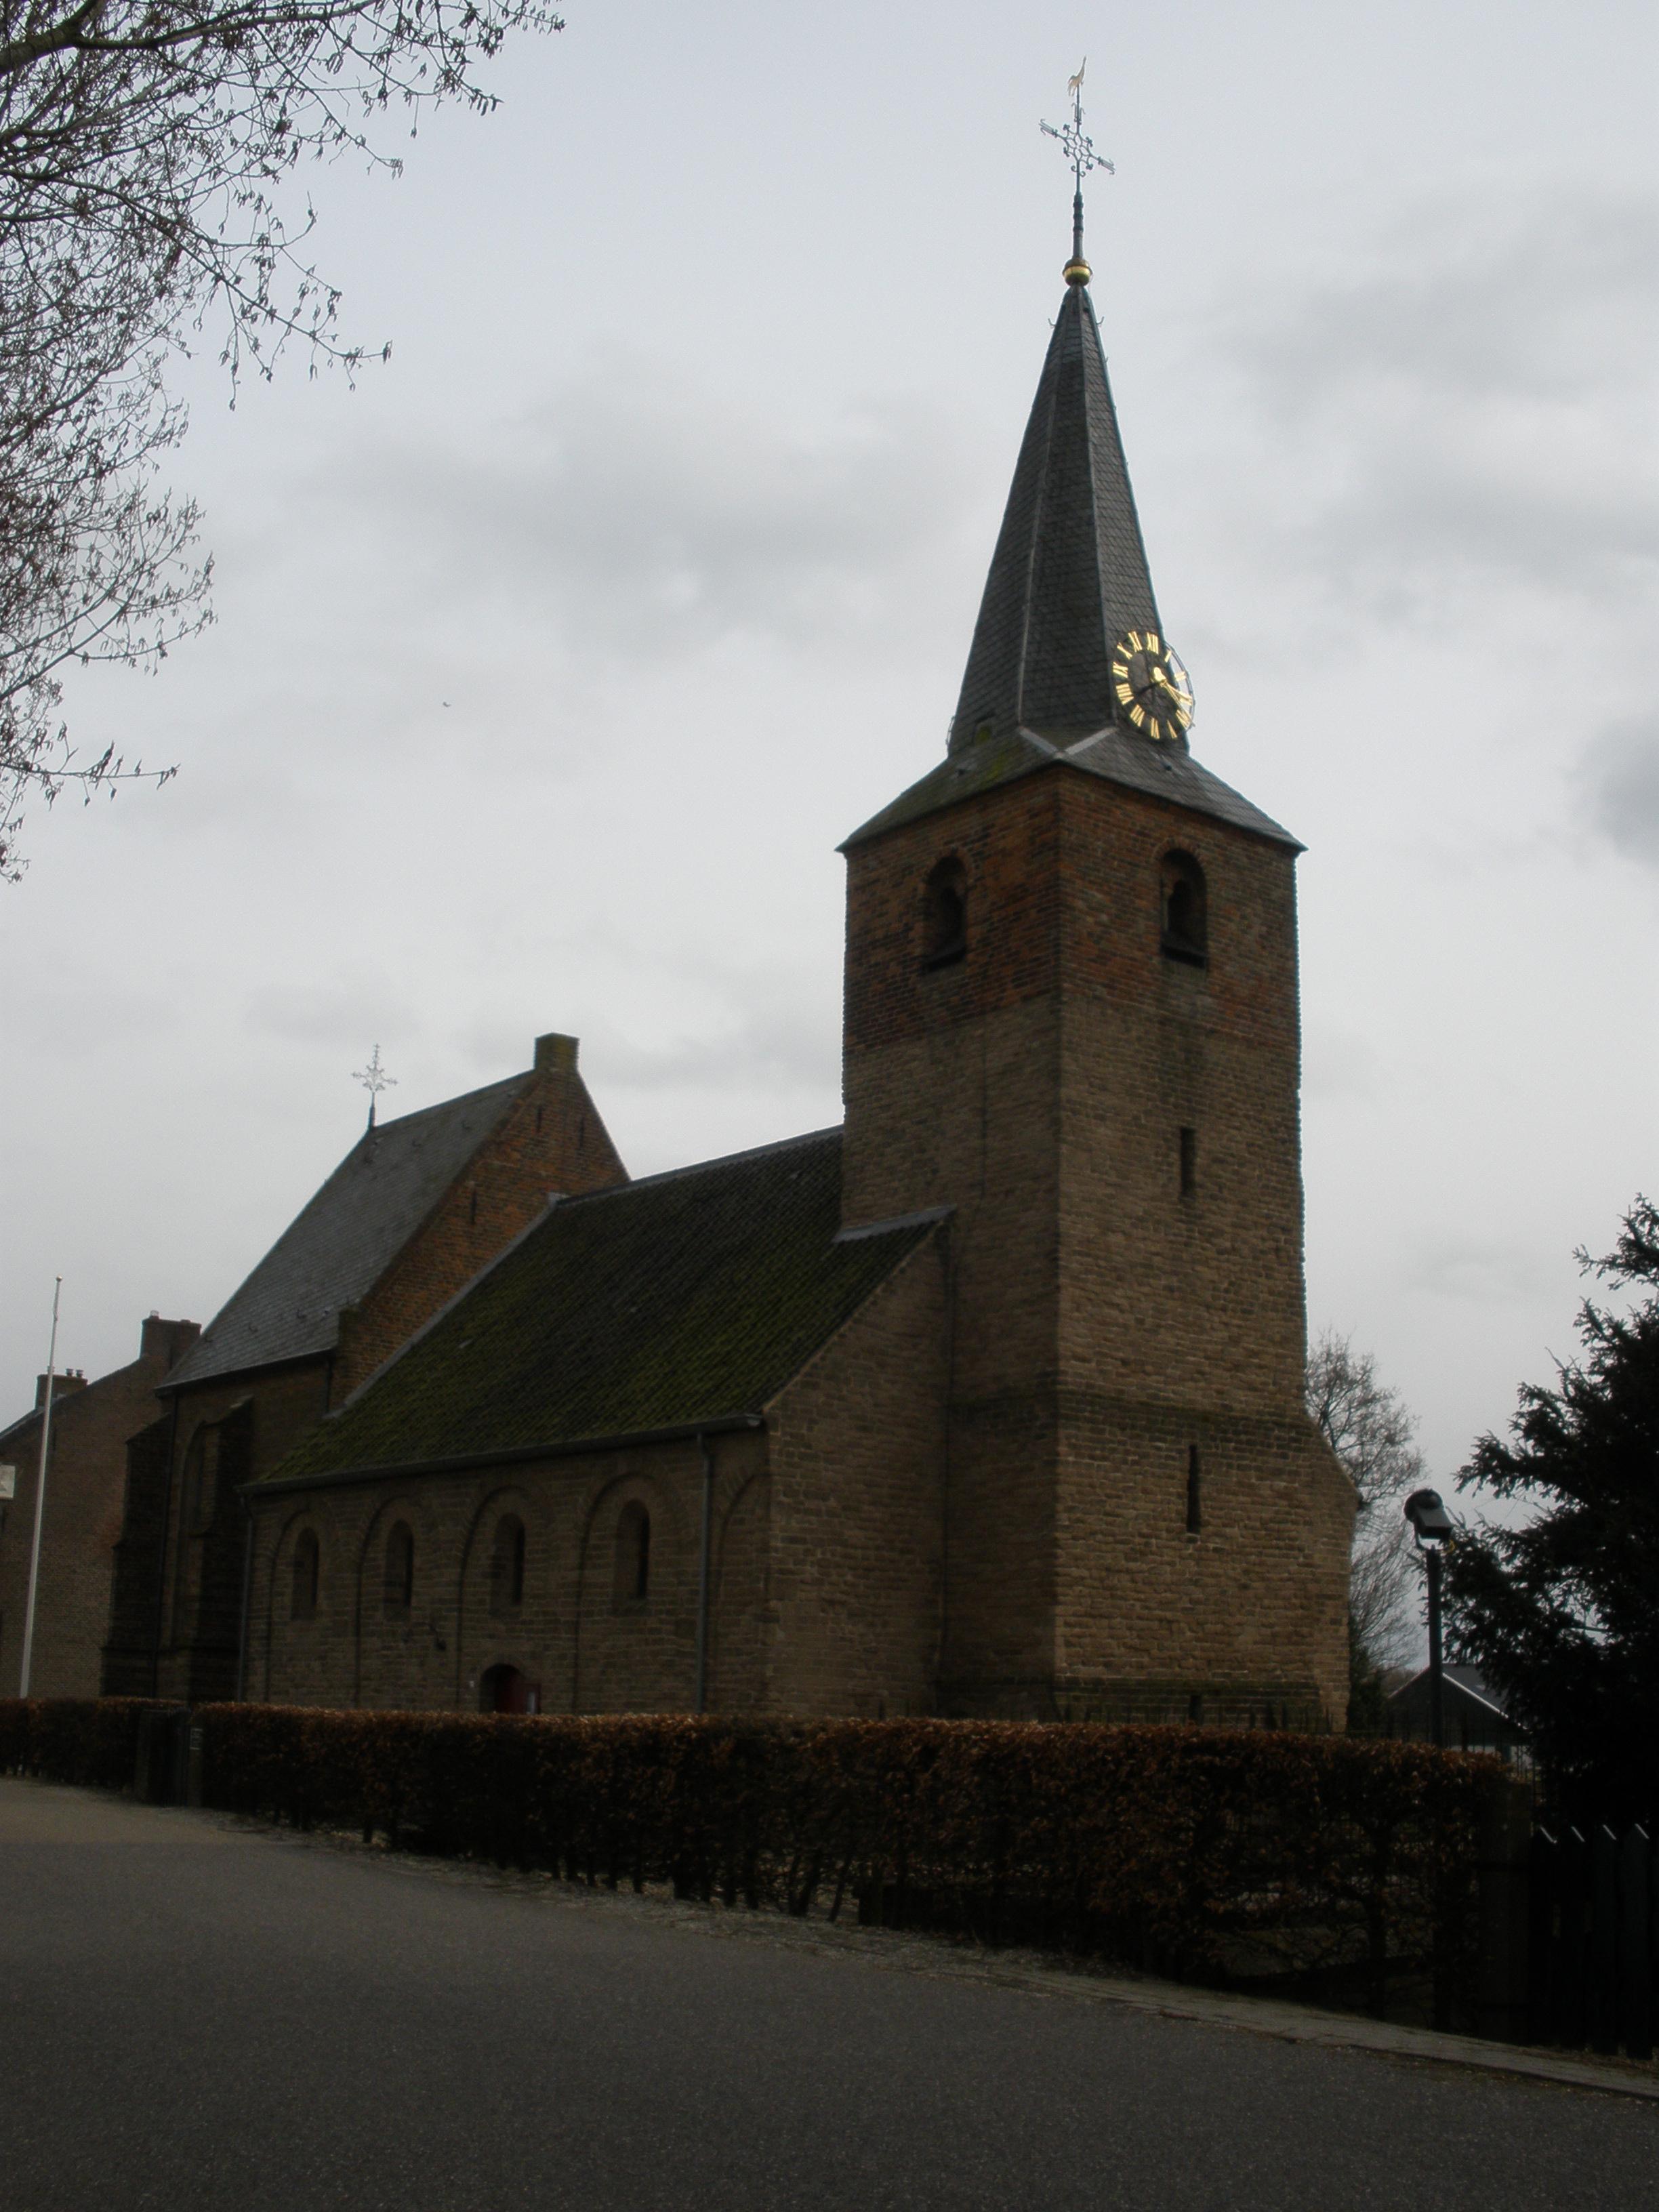 Toren in Wadenoijen | Monument - Rijksmonumenten.nl